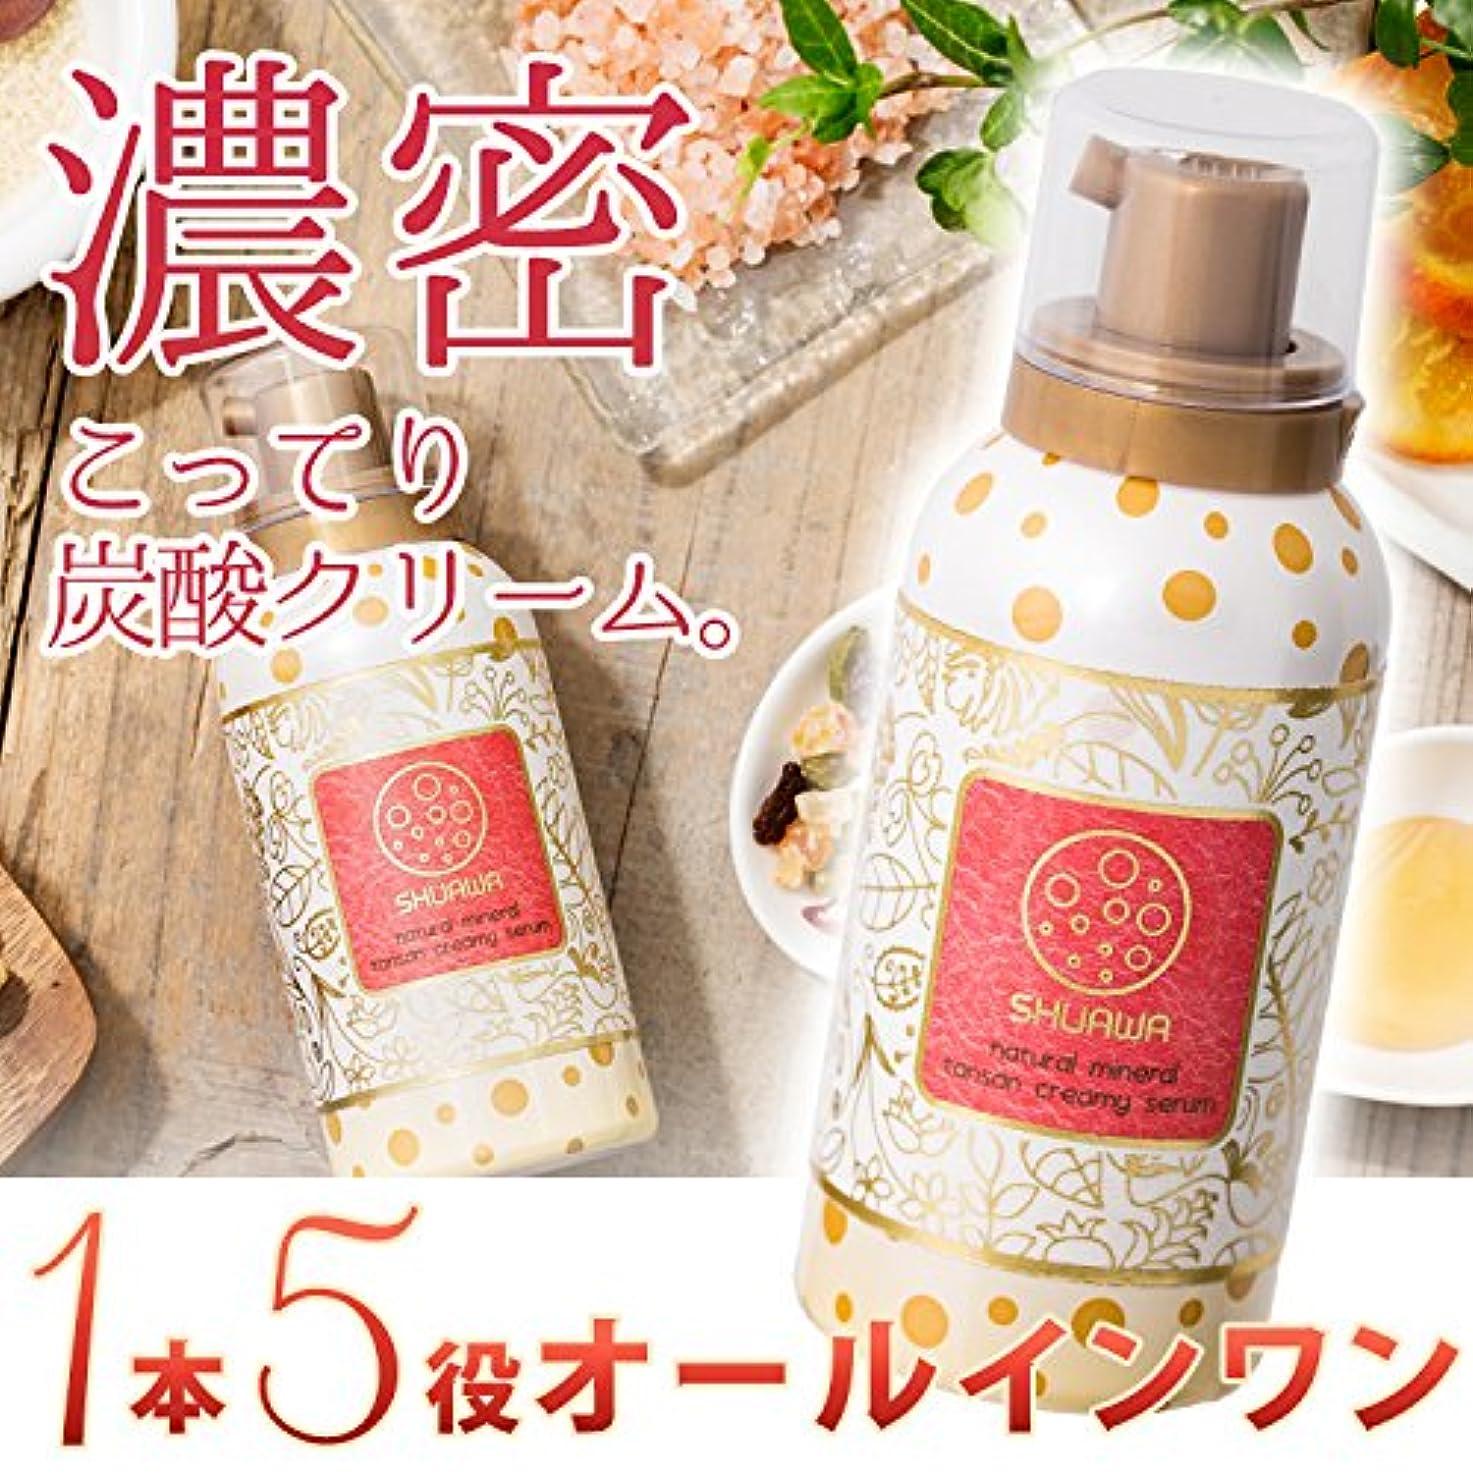 毎日姉妹ホールSHUAWA ミネラル炭酸くりーむ美容液 100g